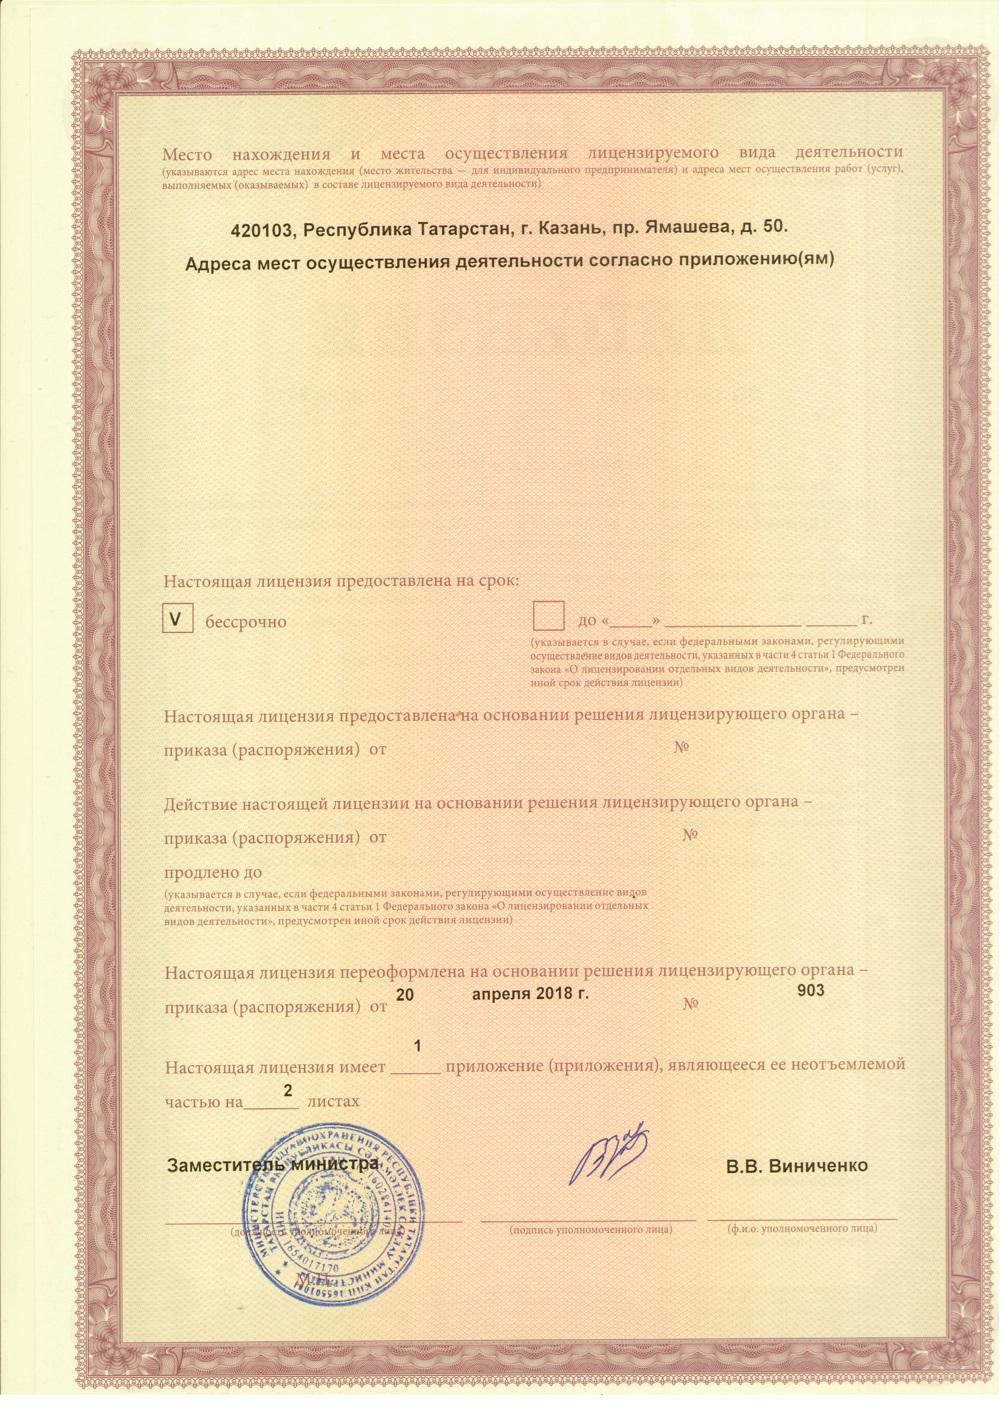 Лицензия медицинской деятельности продолжение